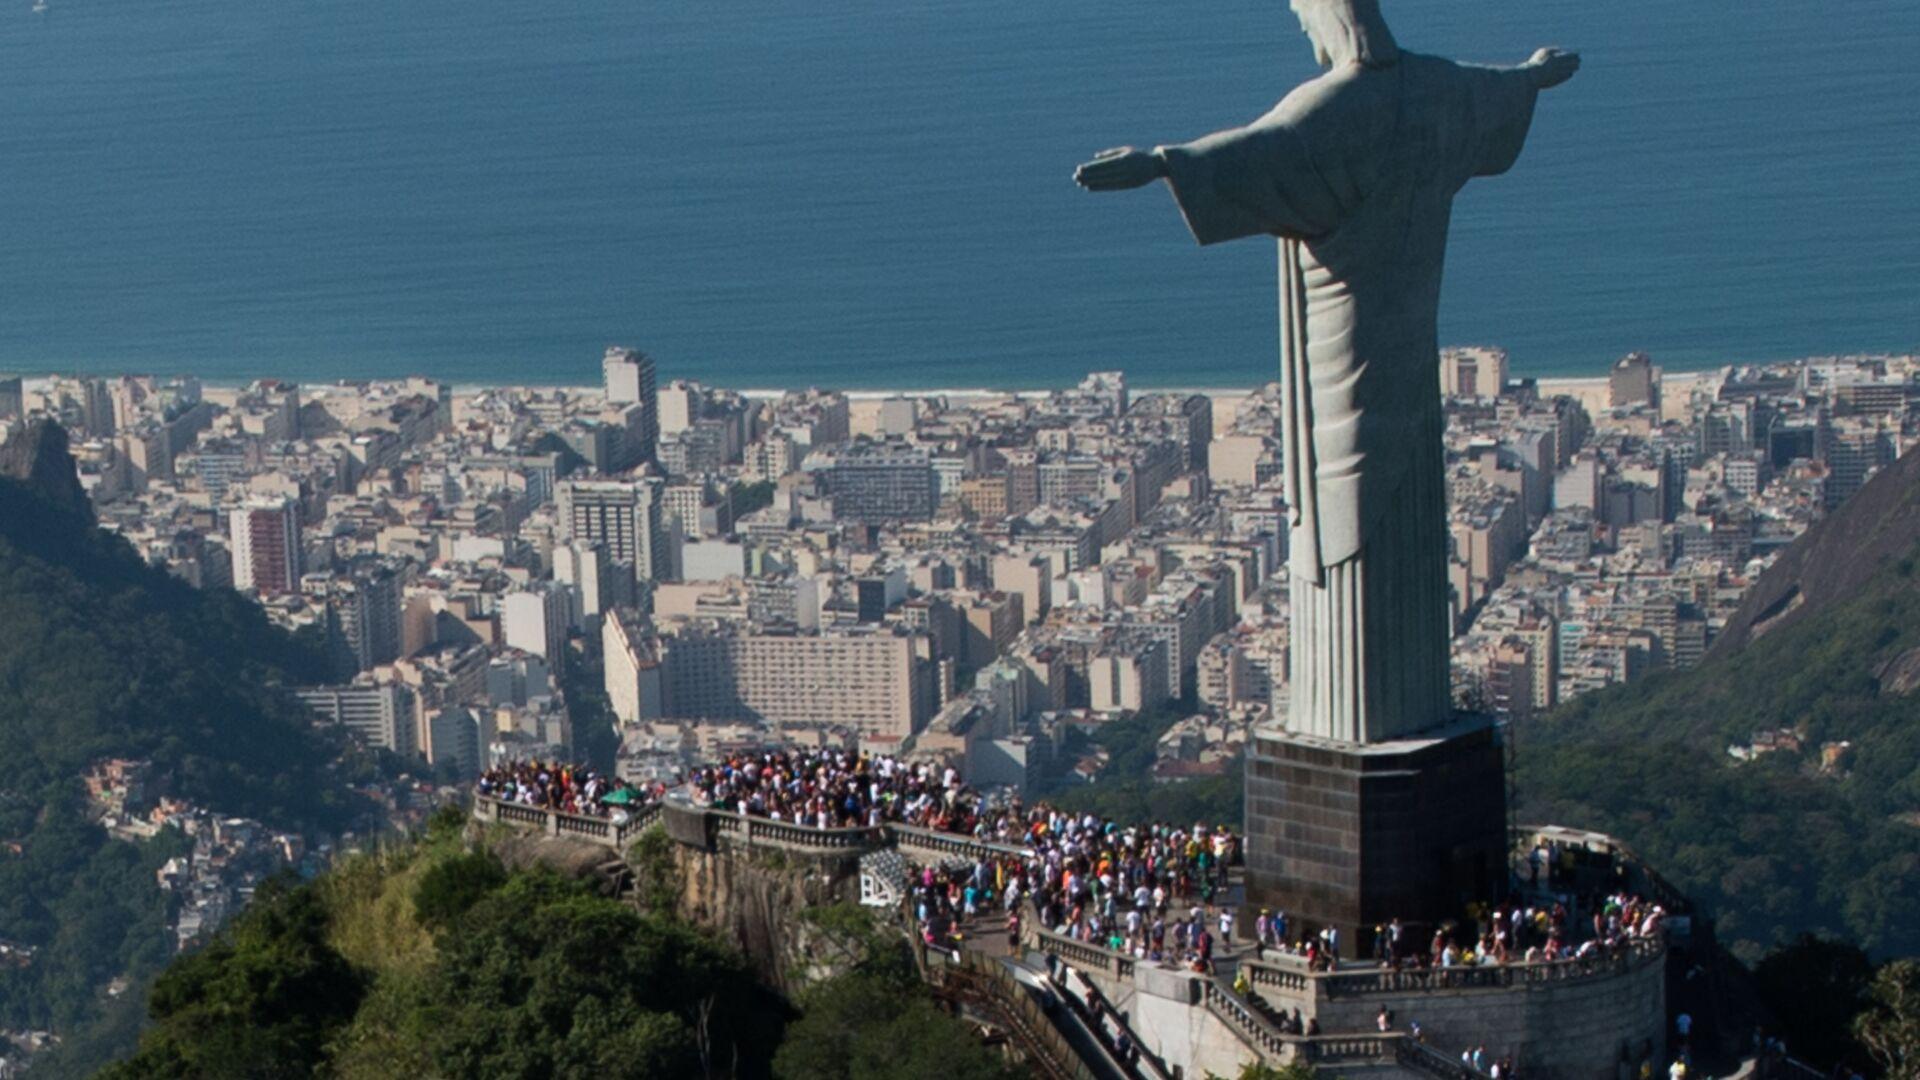 La statua di Cristo Redentore a Rio de Janeiro, Brasile - Sputnik Italia, 1920, 27.05.2021